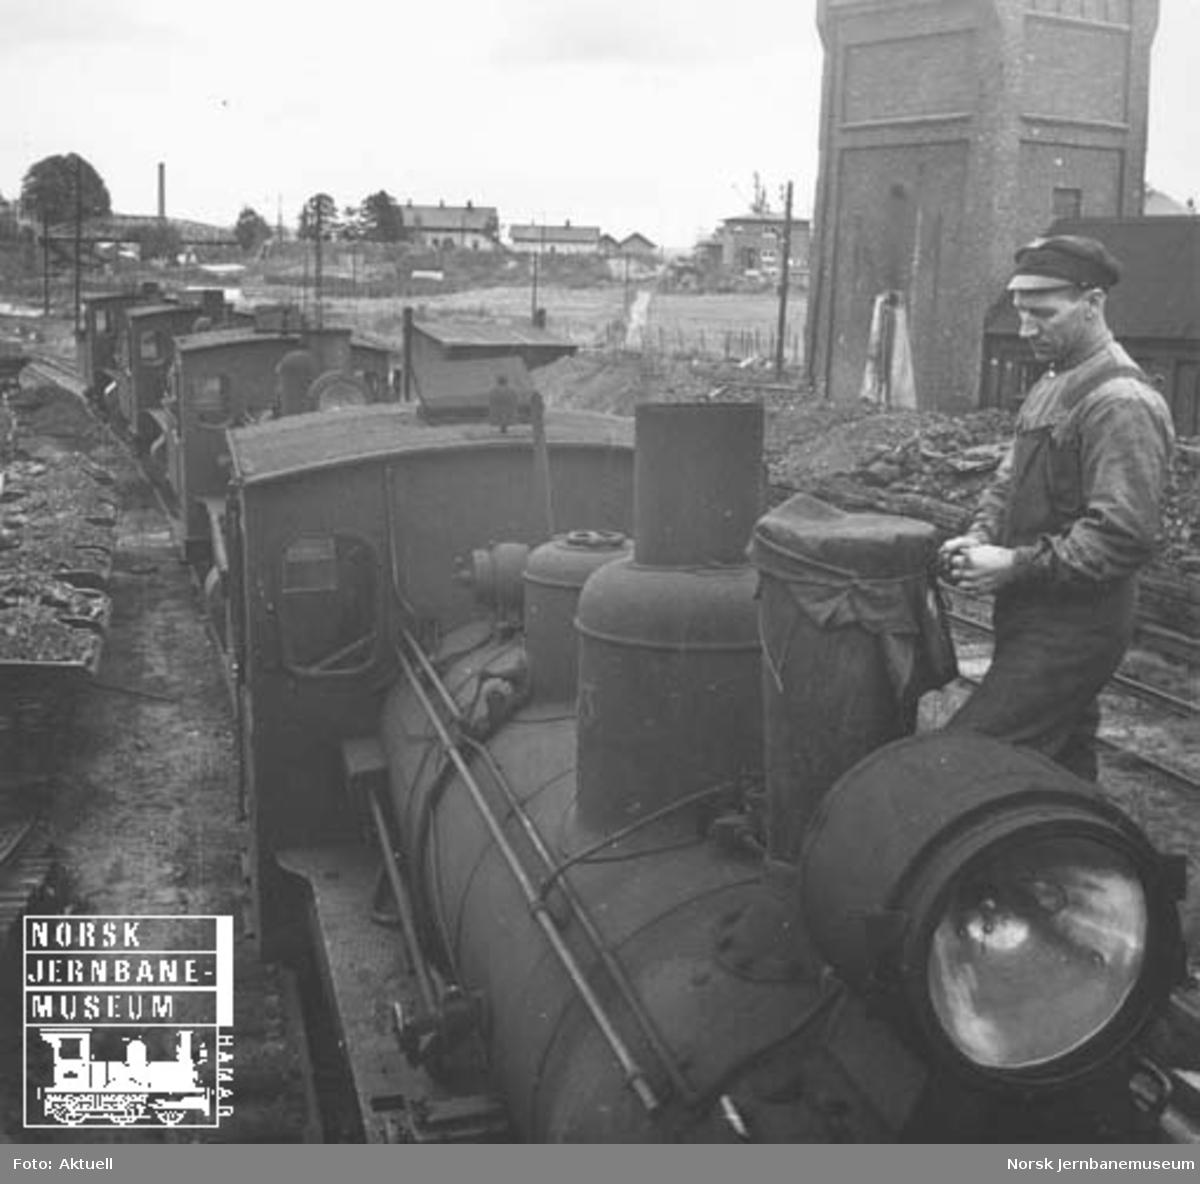 Hensatte, smalsporede damplokomotiver på Sundland i Drammen etter Vestfoldbanens overgang til normalspor